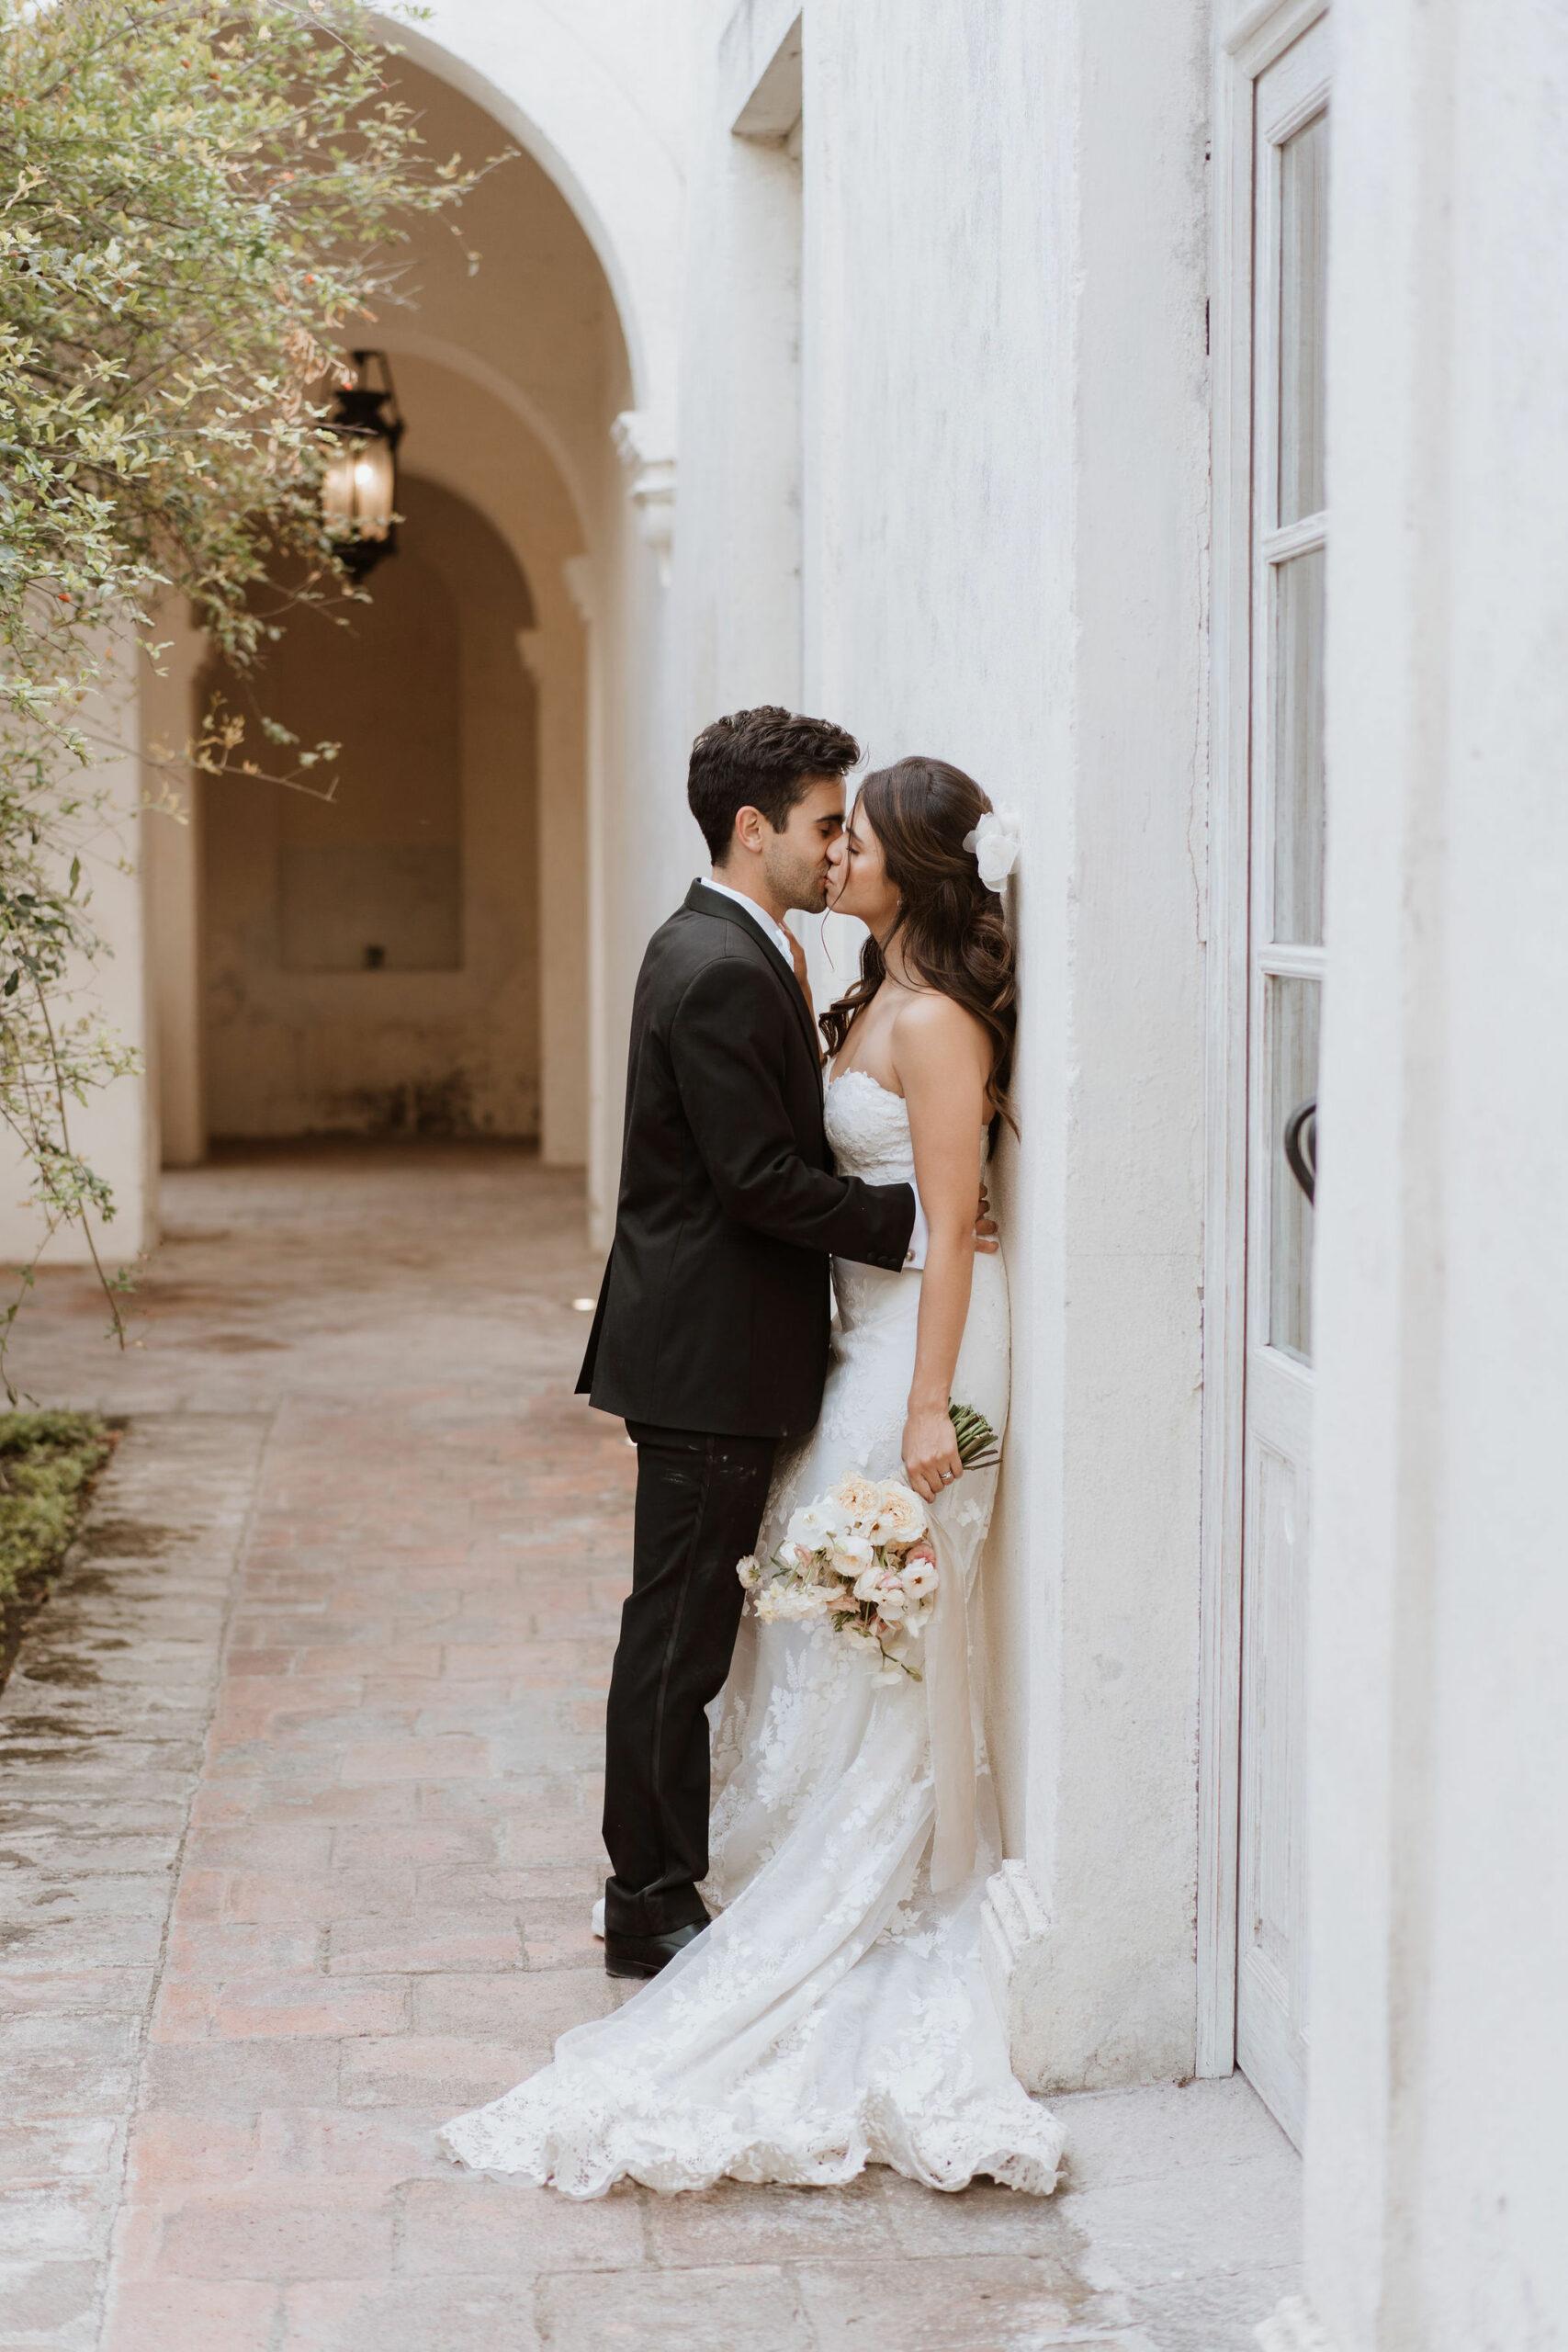 fer bonilla wedding at a beautiful hacienda in san miguel de allende 54